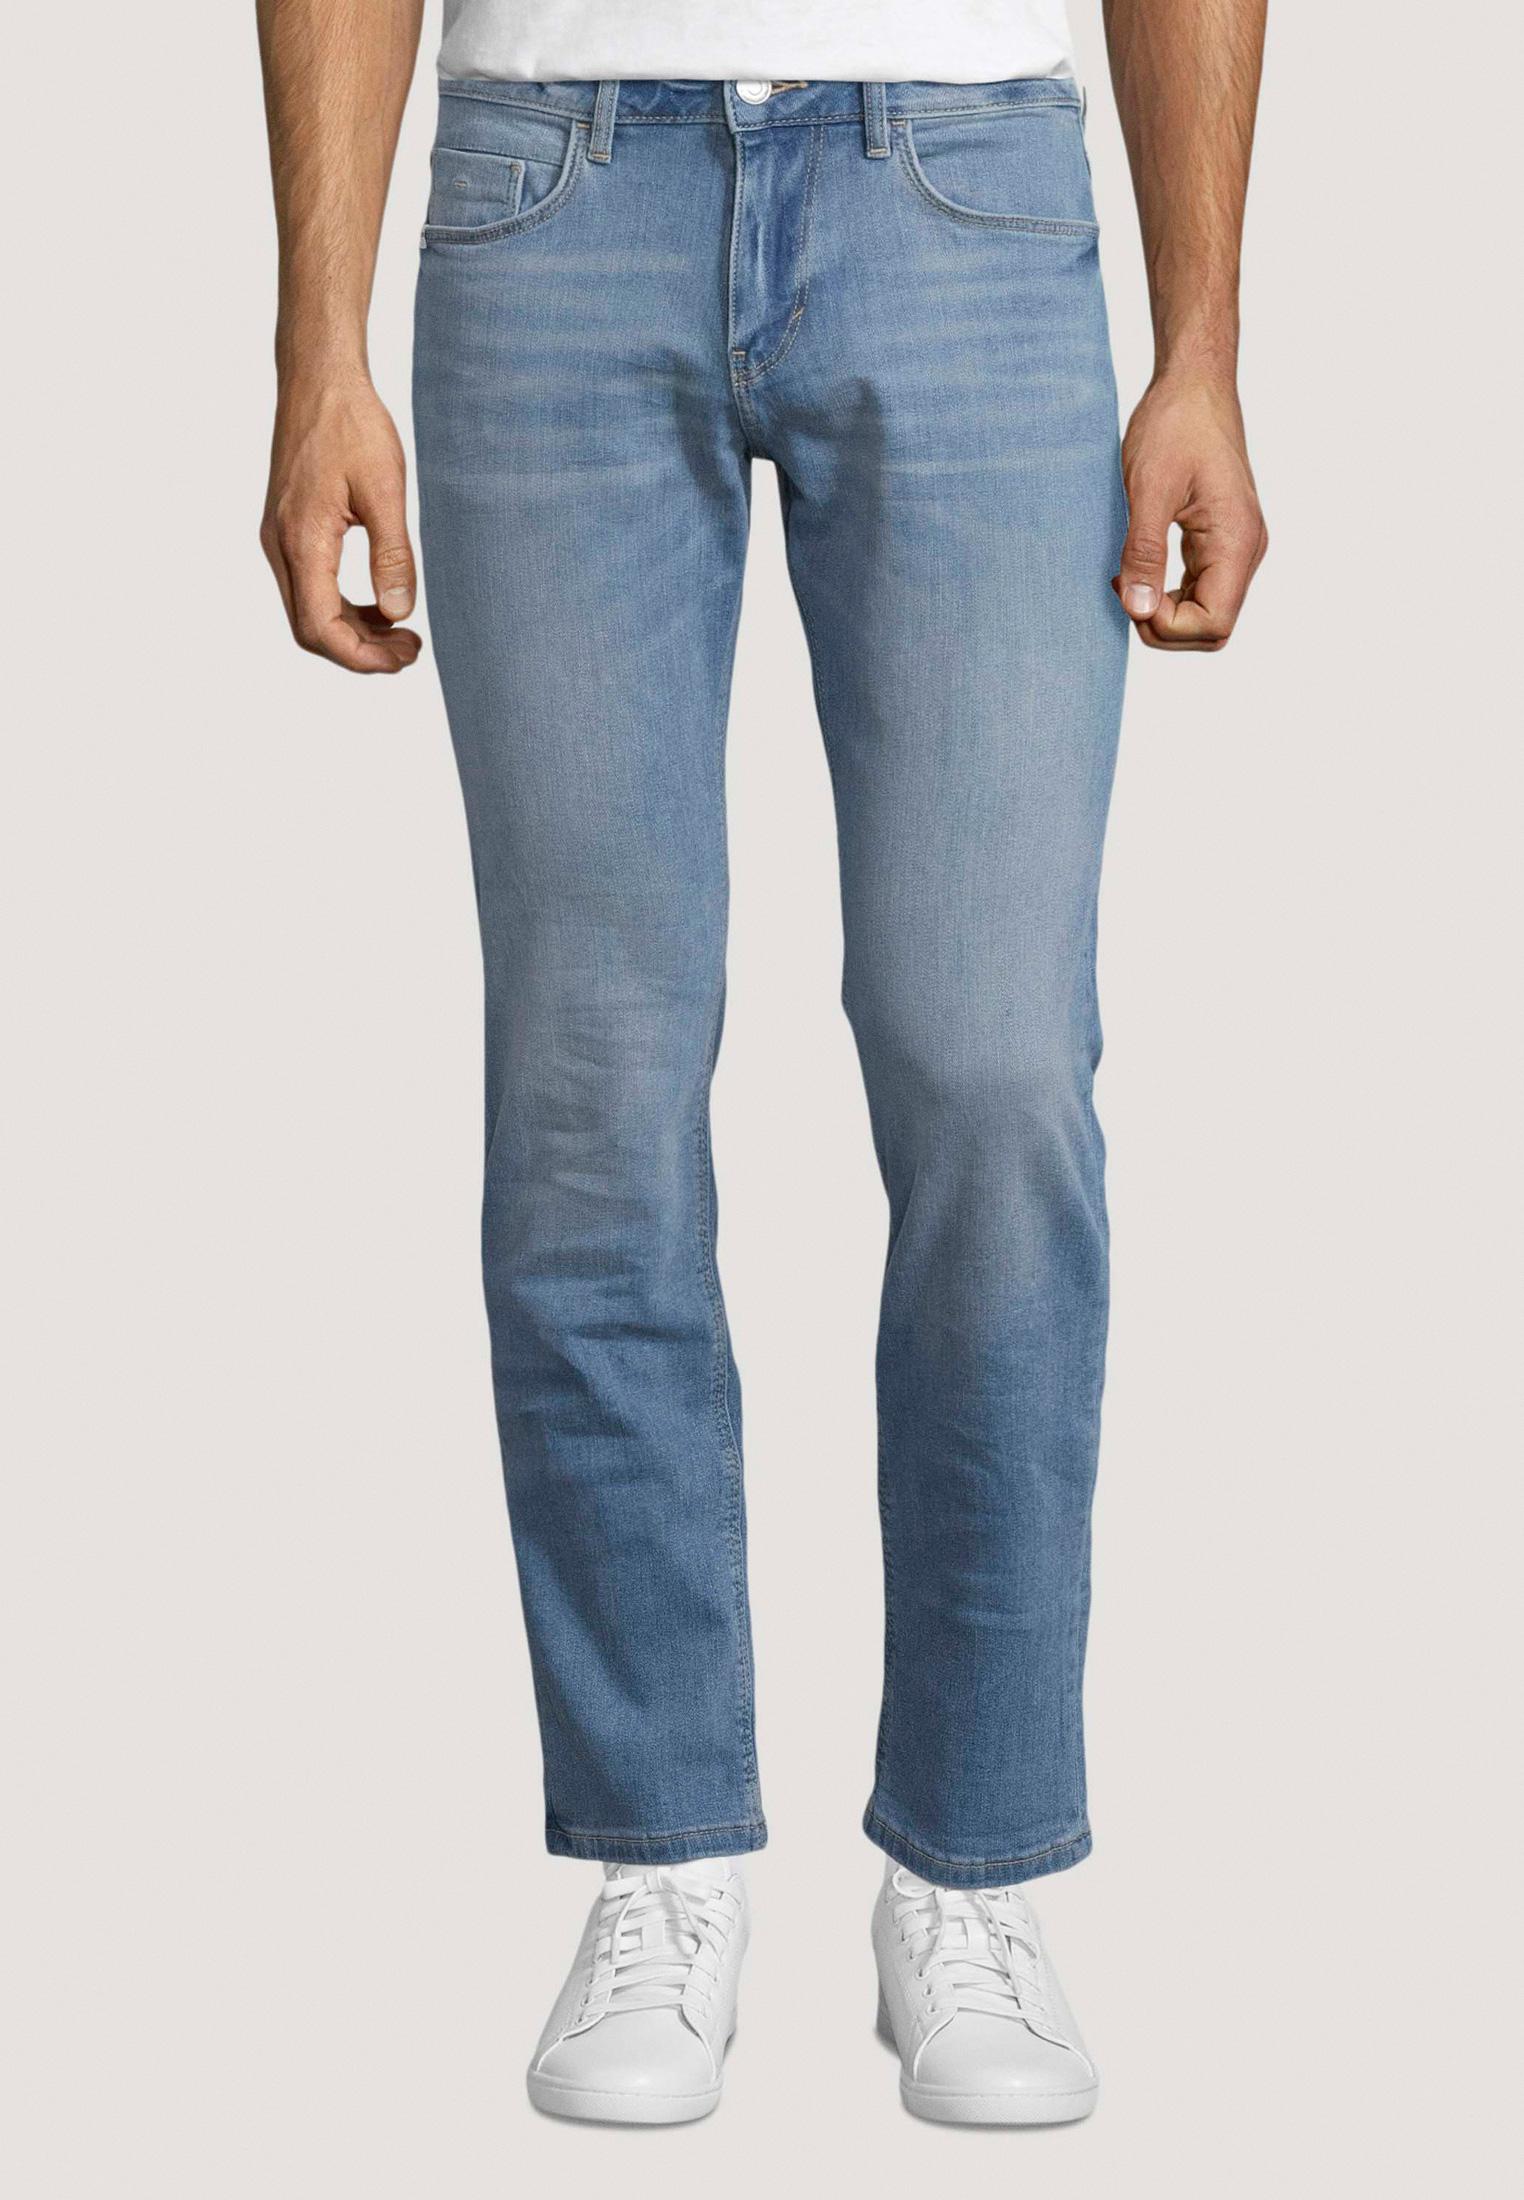 Зауженные джинсы Tom Tailor (Том Тейлор) 1024647: изображение 1